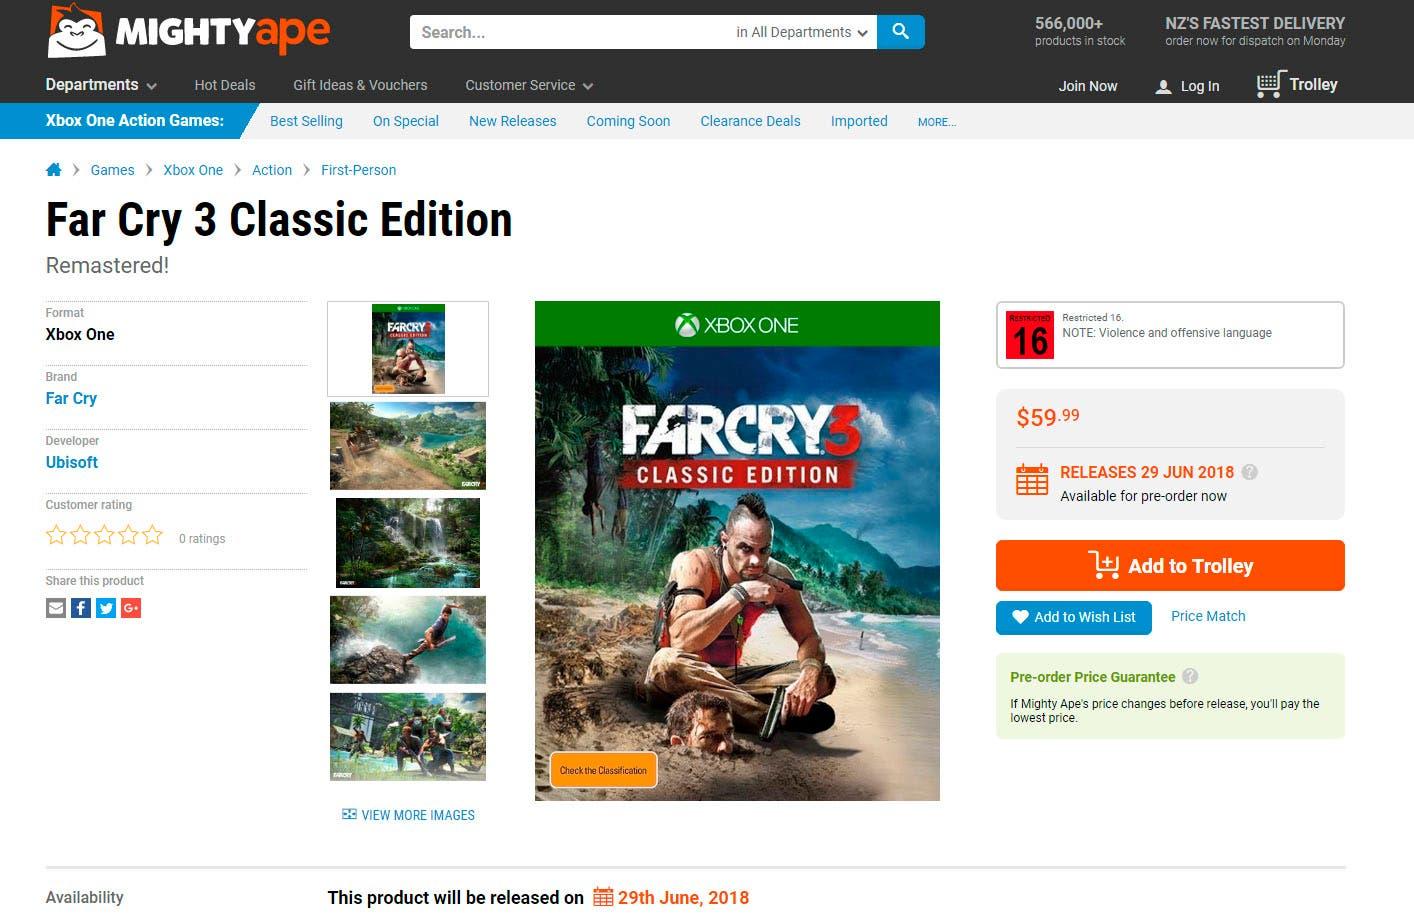 Una tienda online presenta la edición física de Far Cry 3 Classic Edition 2